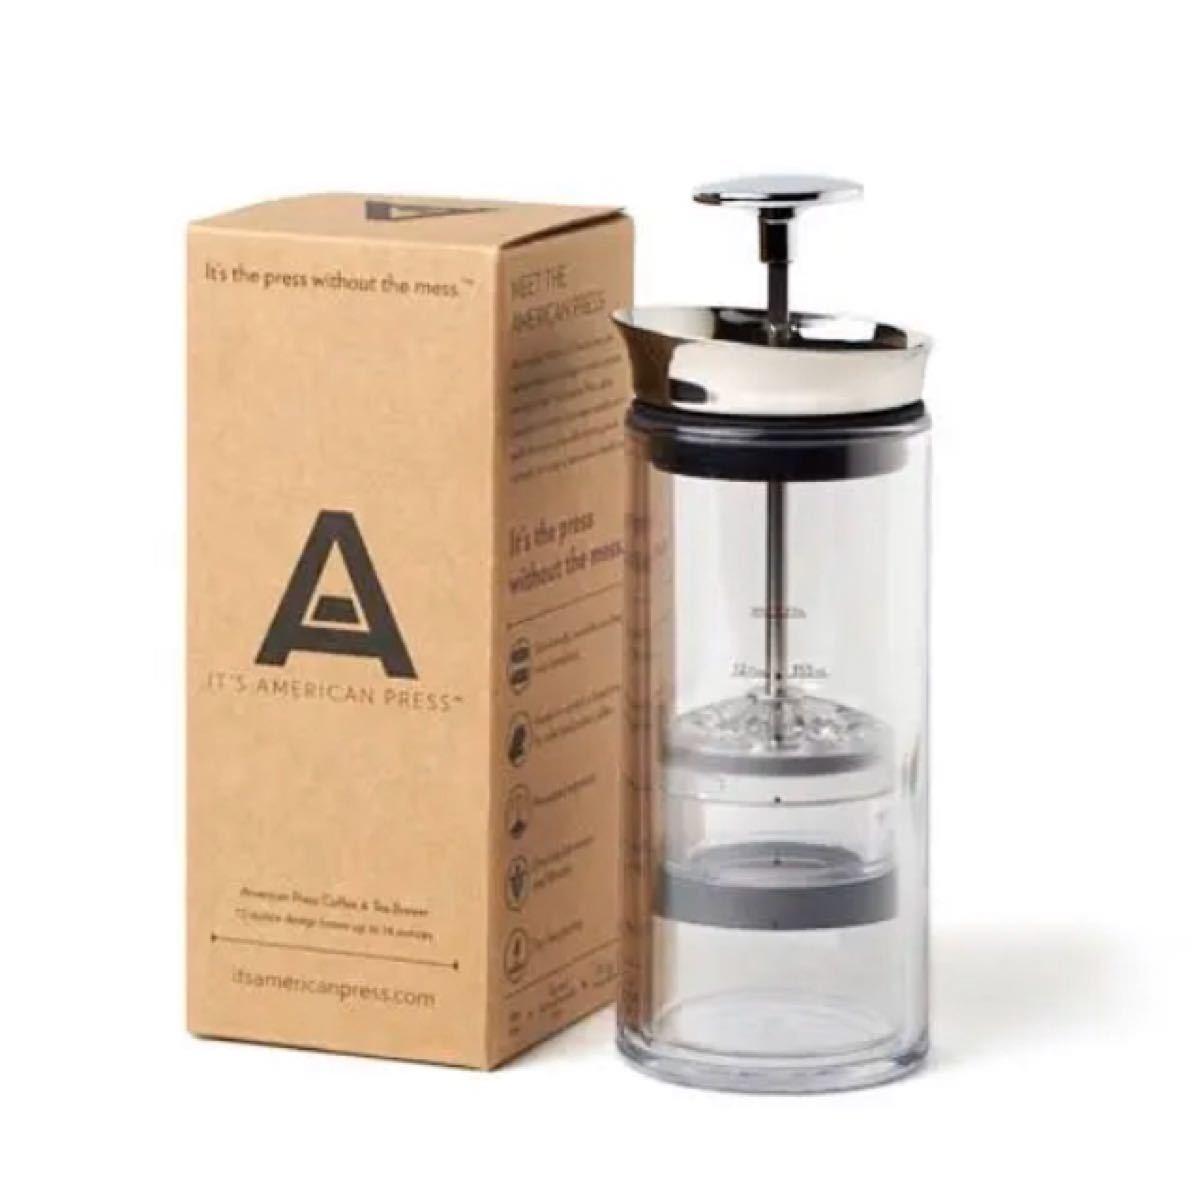 アメリカンプレス AMERICAN PRESS コーヒーメーカー  コーヒープレス ステンレス コーヒー プレス式 ドリッパー